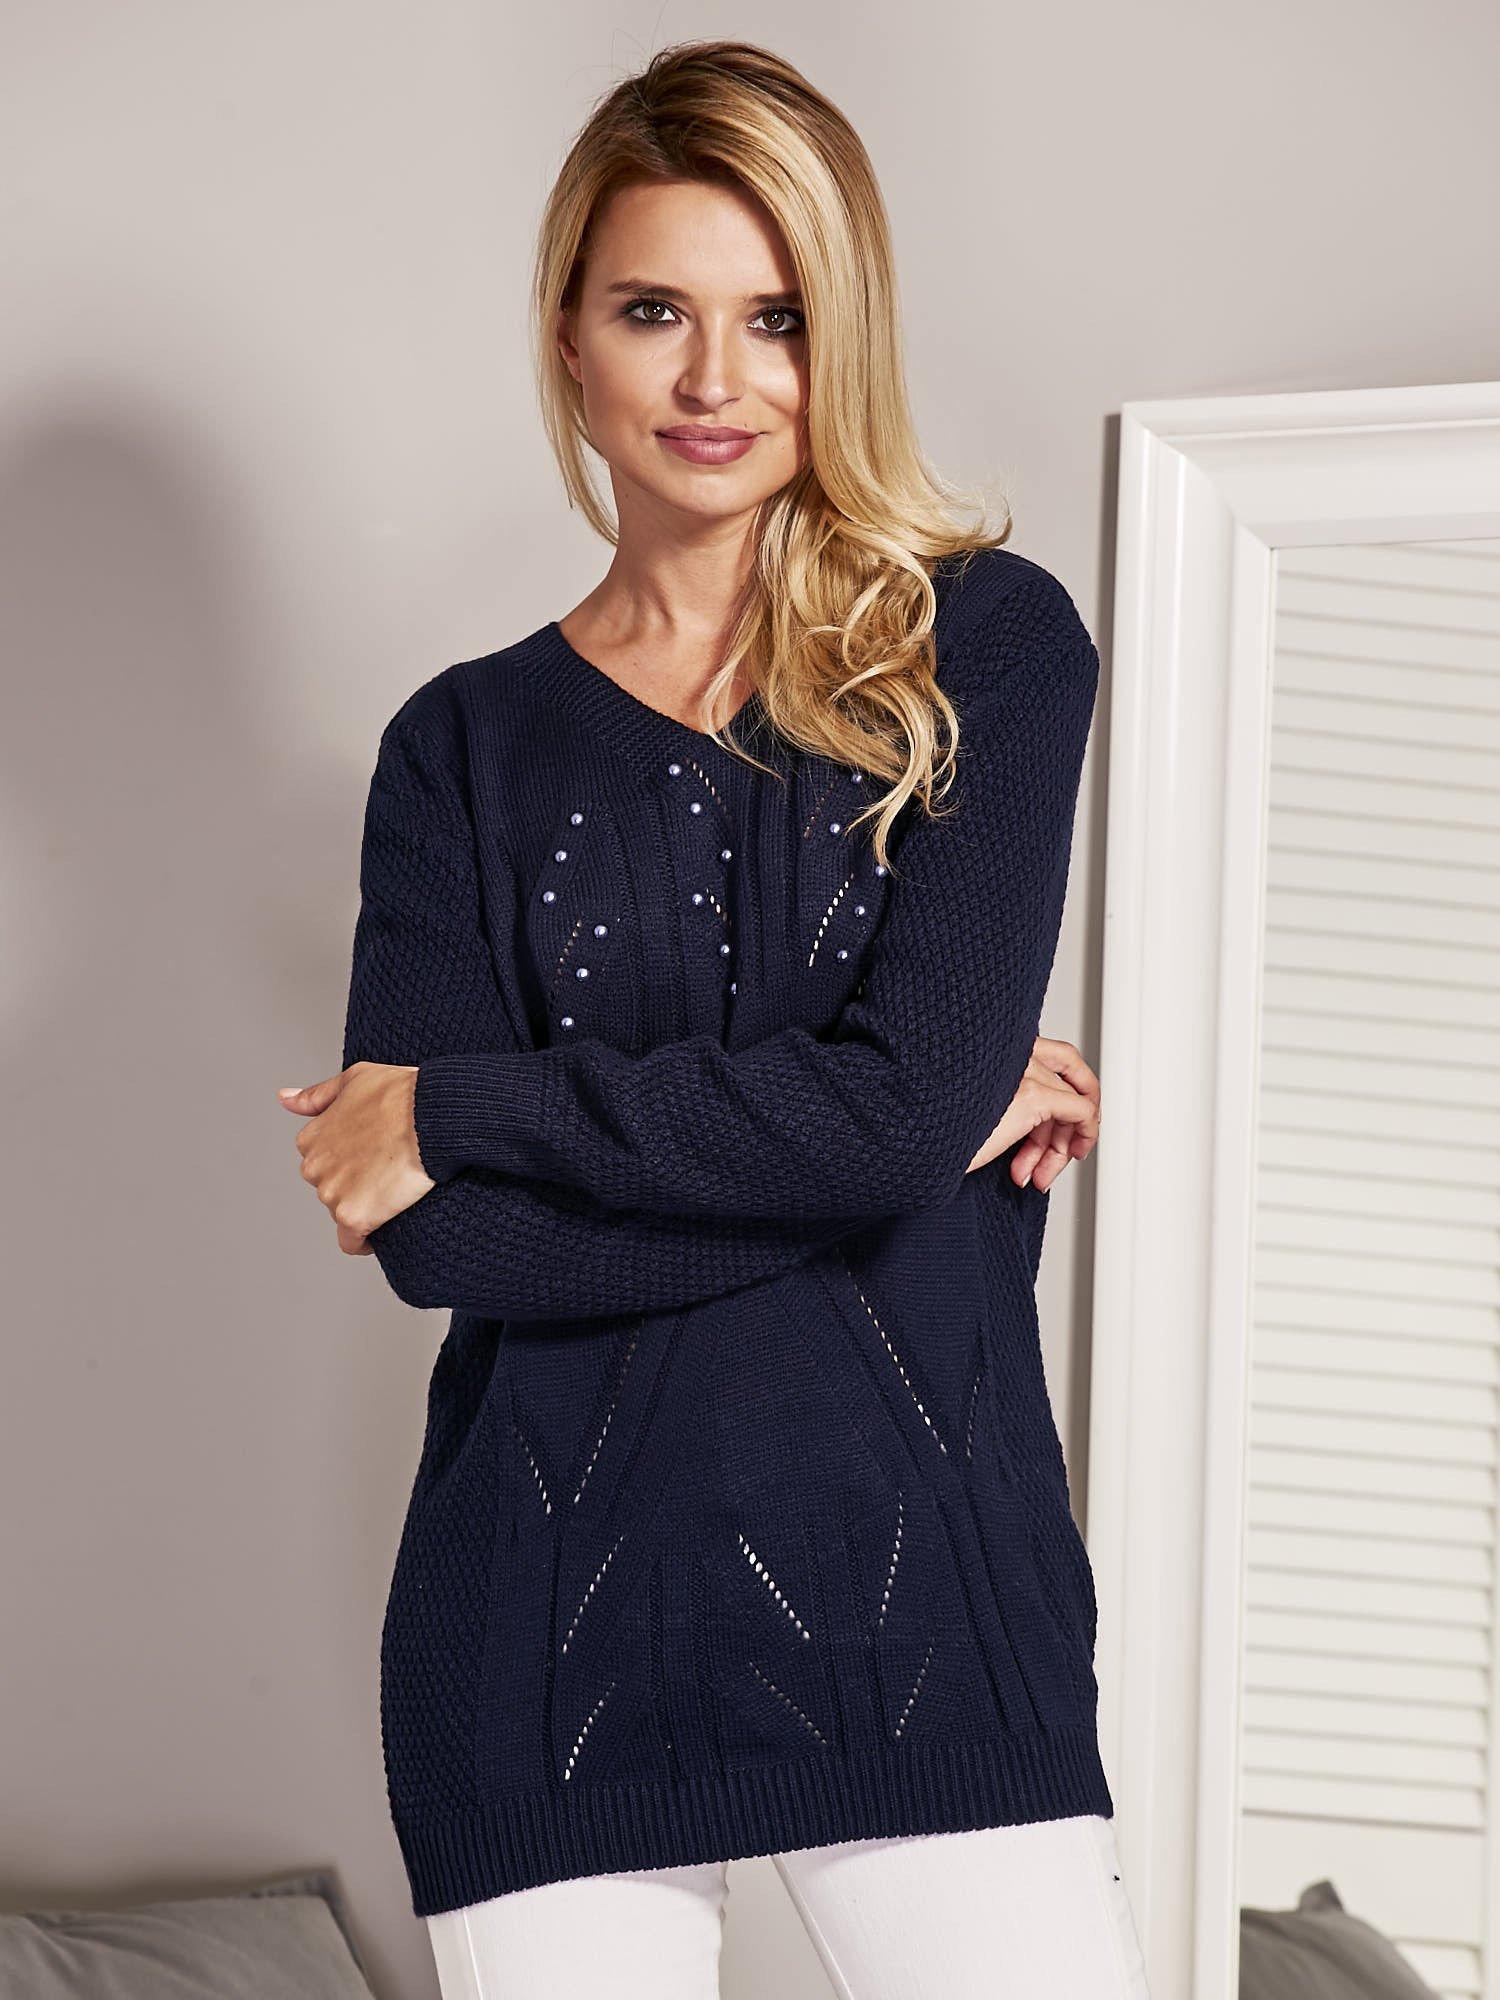 be0e98cf2ece Granatowy sweter damski z aplikacją z perełek - Sweter klasyczny - sklep  eButik.pl